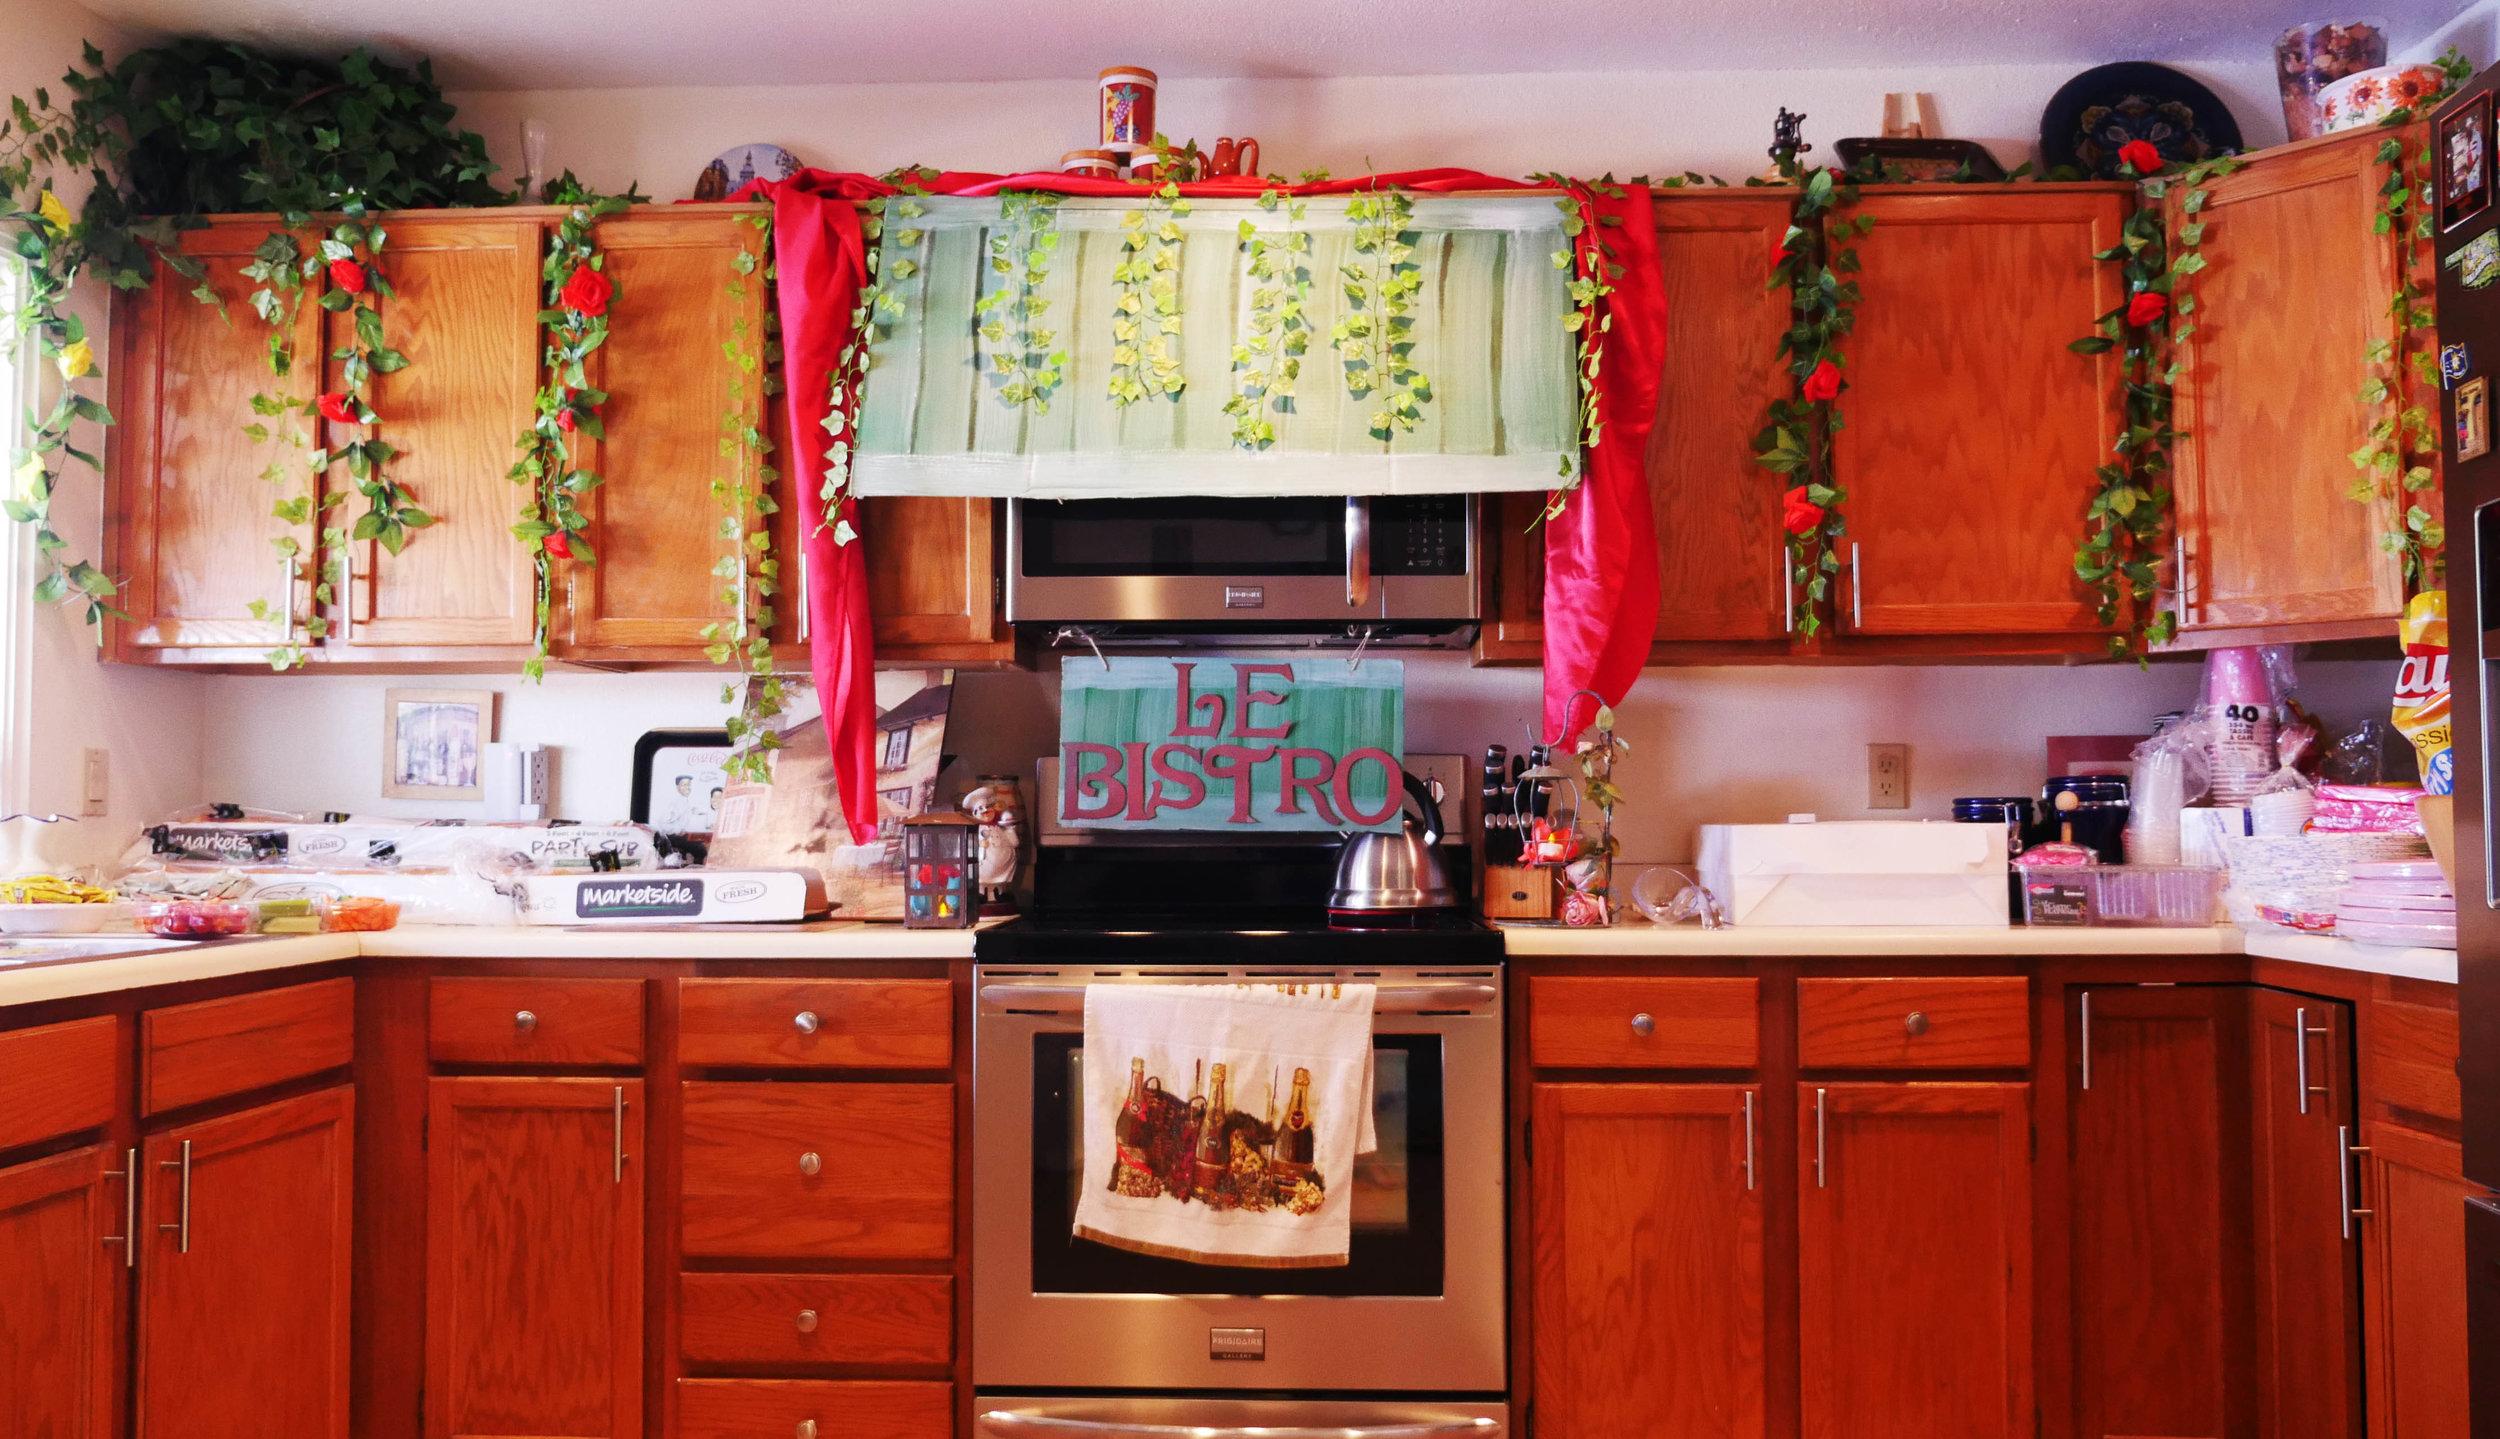 Analise 2nd Birthday Decor - Kitchen 6.jpg